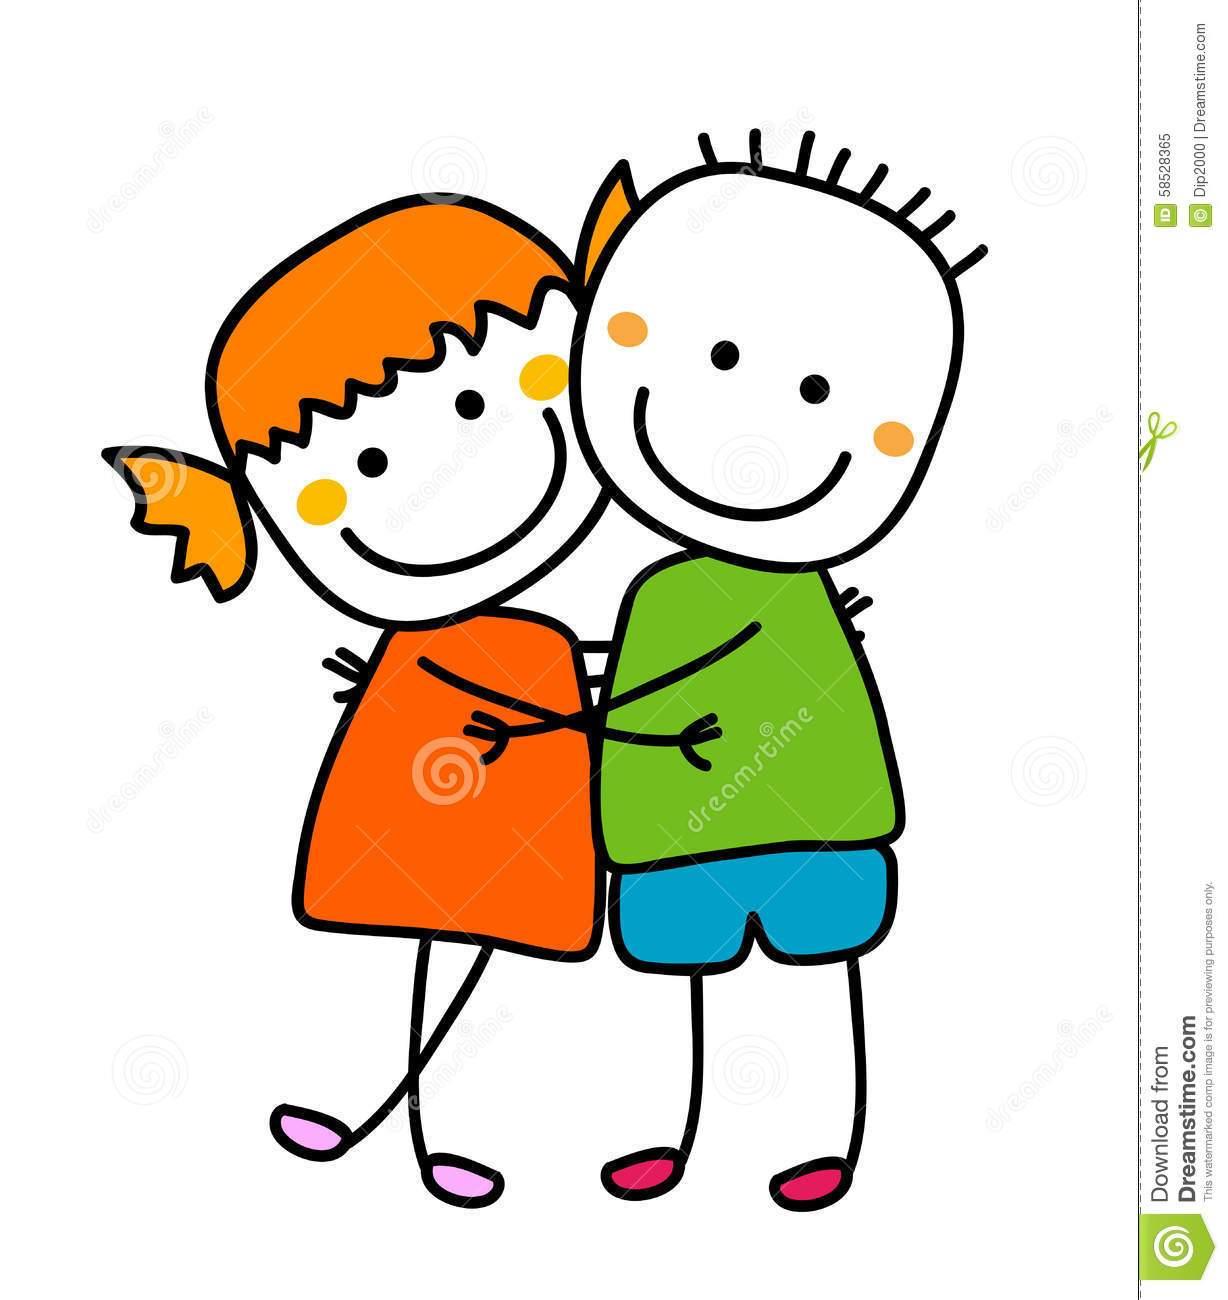 Hugging clipart 5 » Clipart Portal.